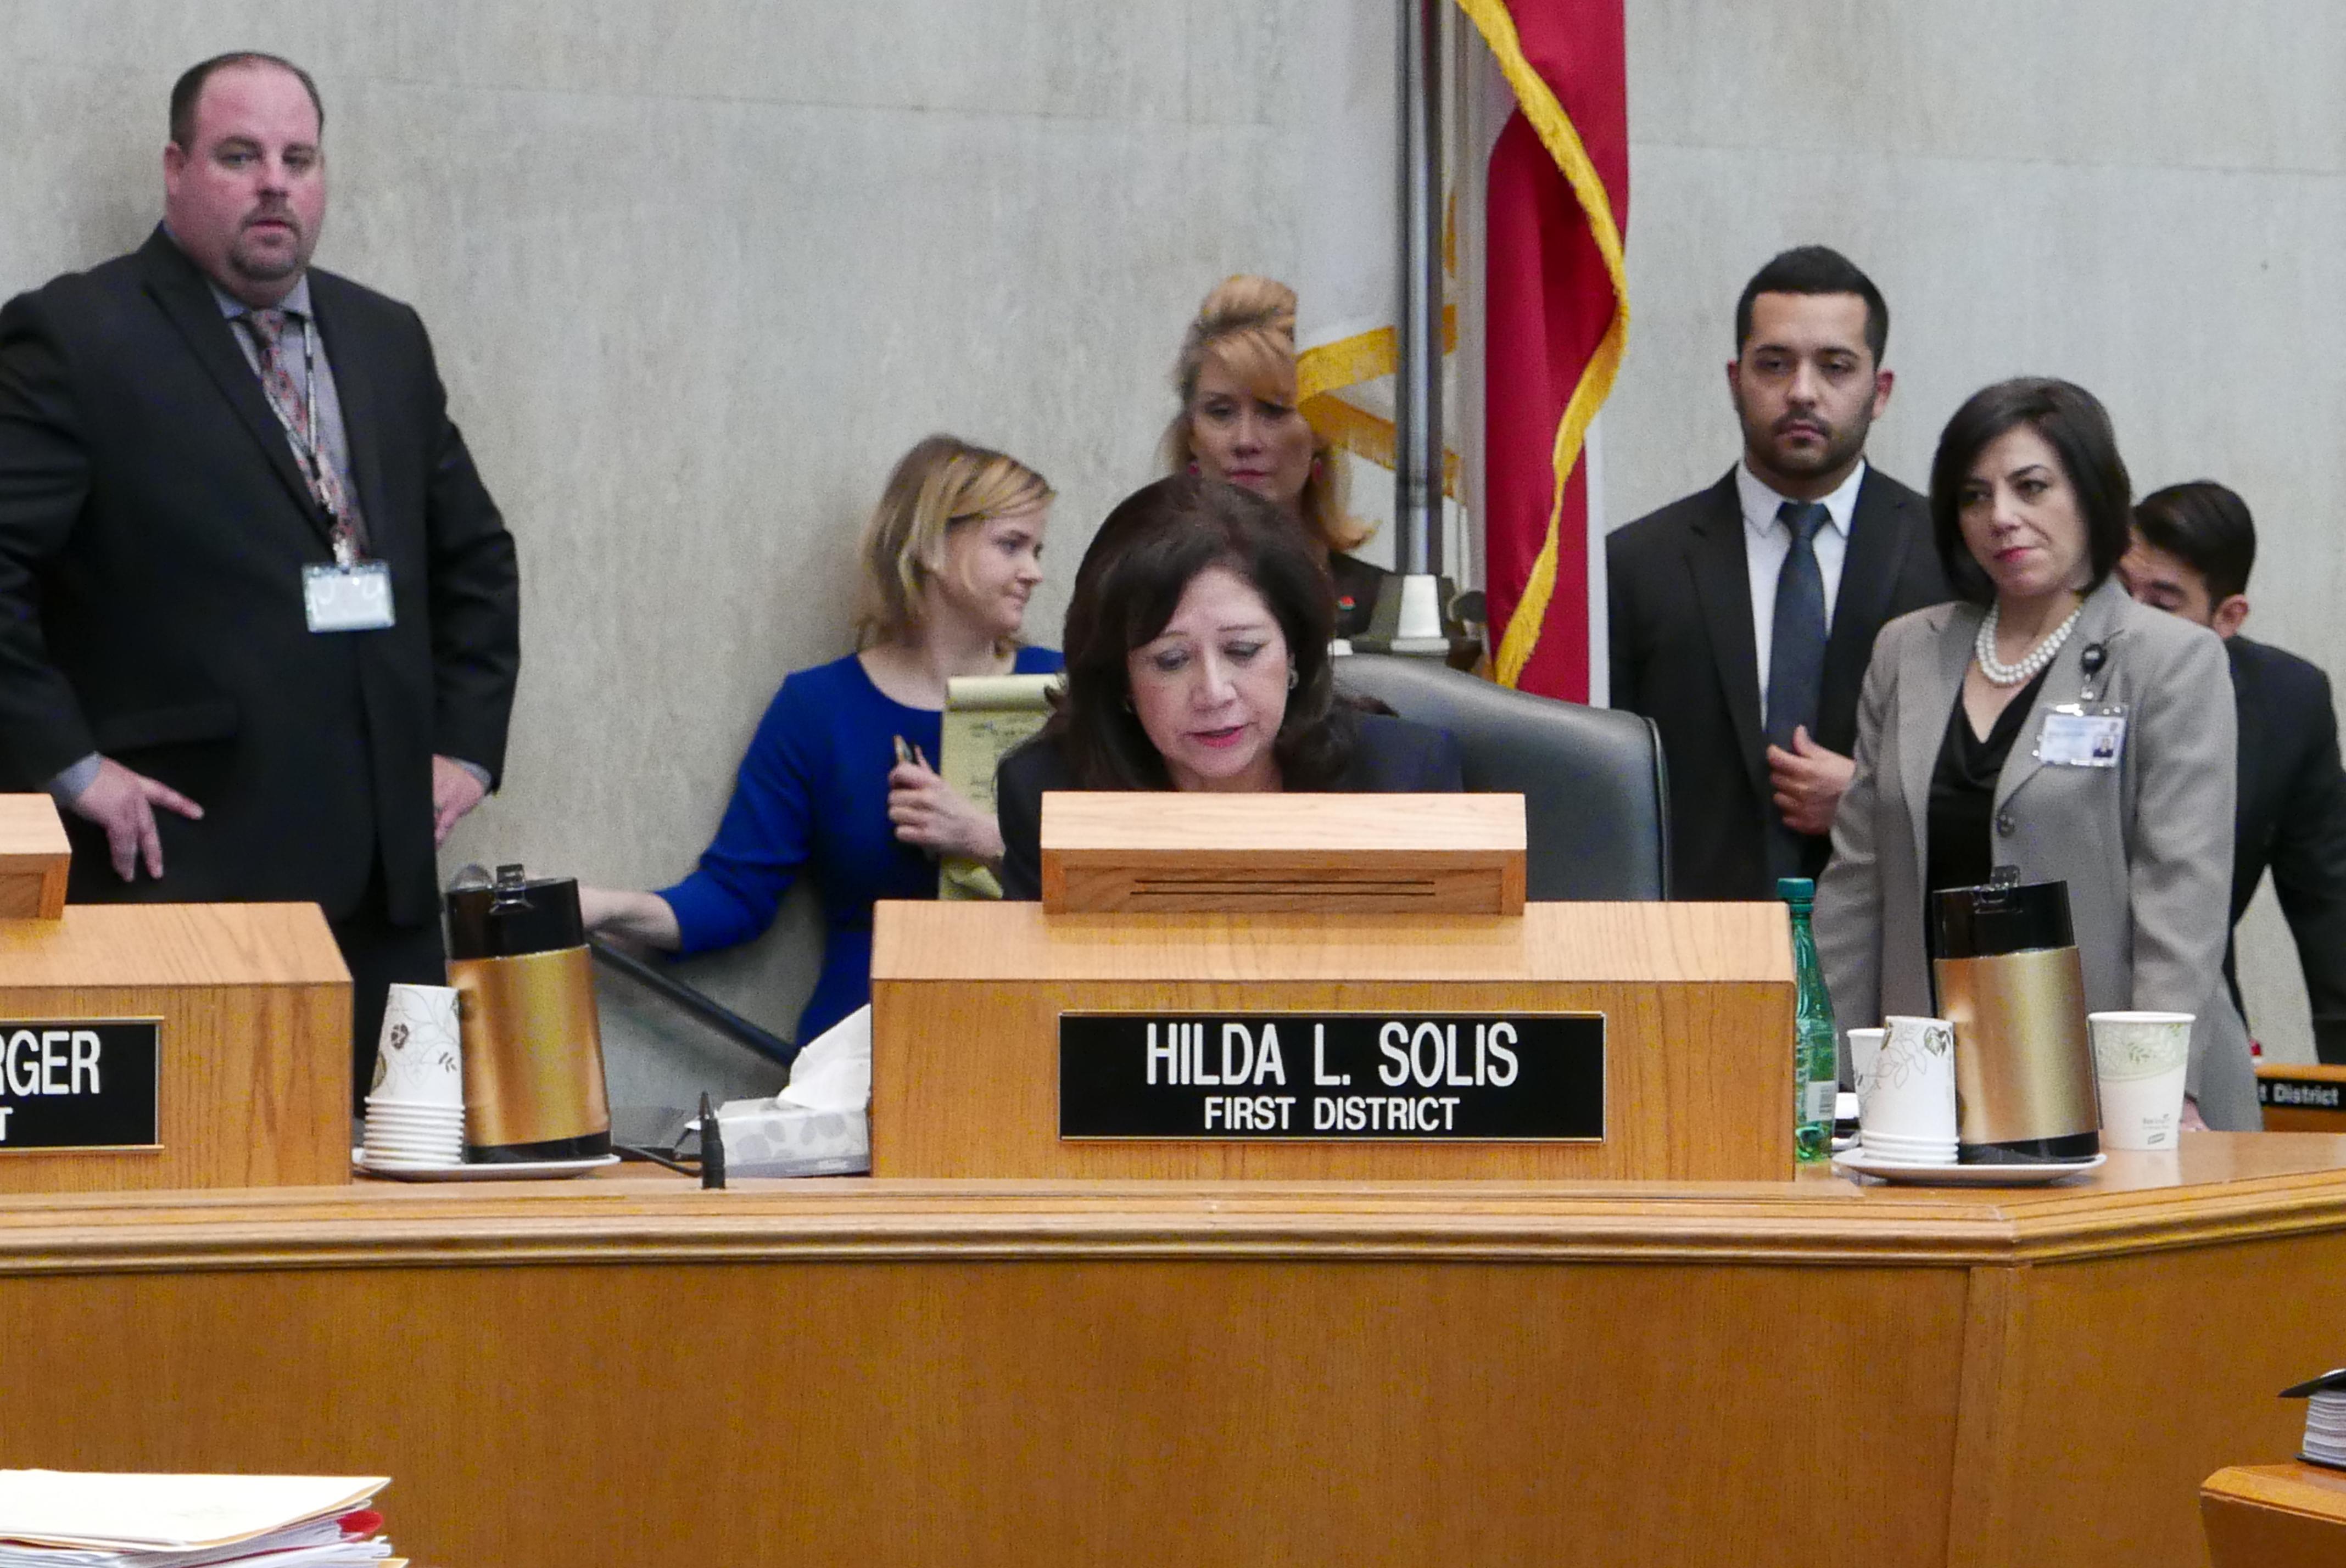 提案由委員蘇麗絲提出,希望保護無證移民。(記者李雪/攝影)